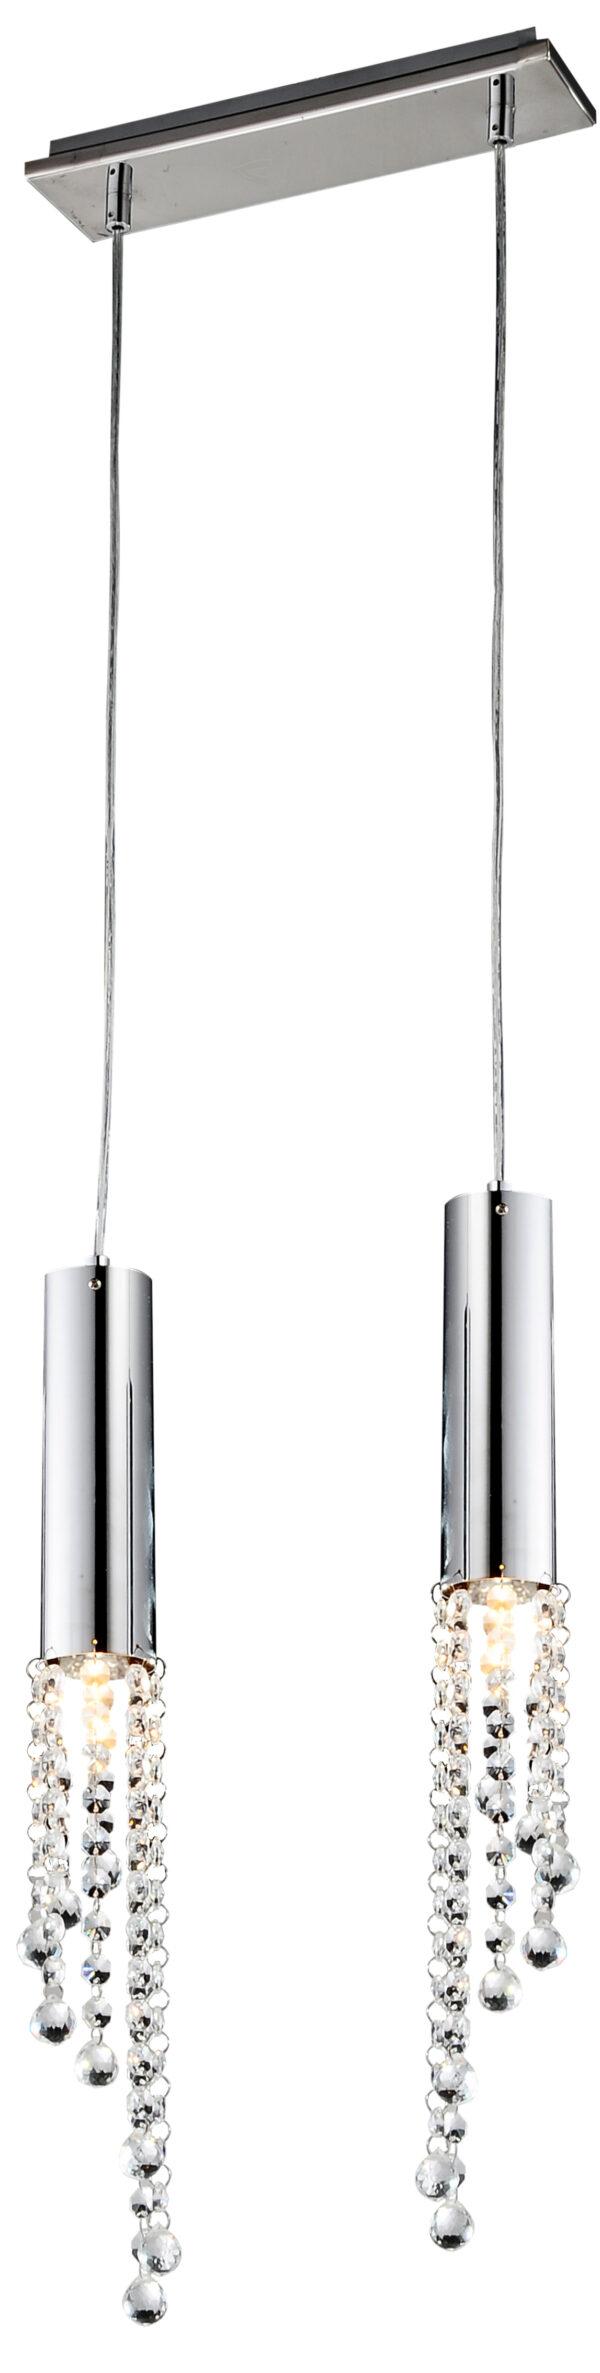 DUERO LAMPA WISZĄCA 2X3W LED GU10 CHROM - 32-25265